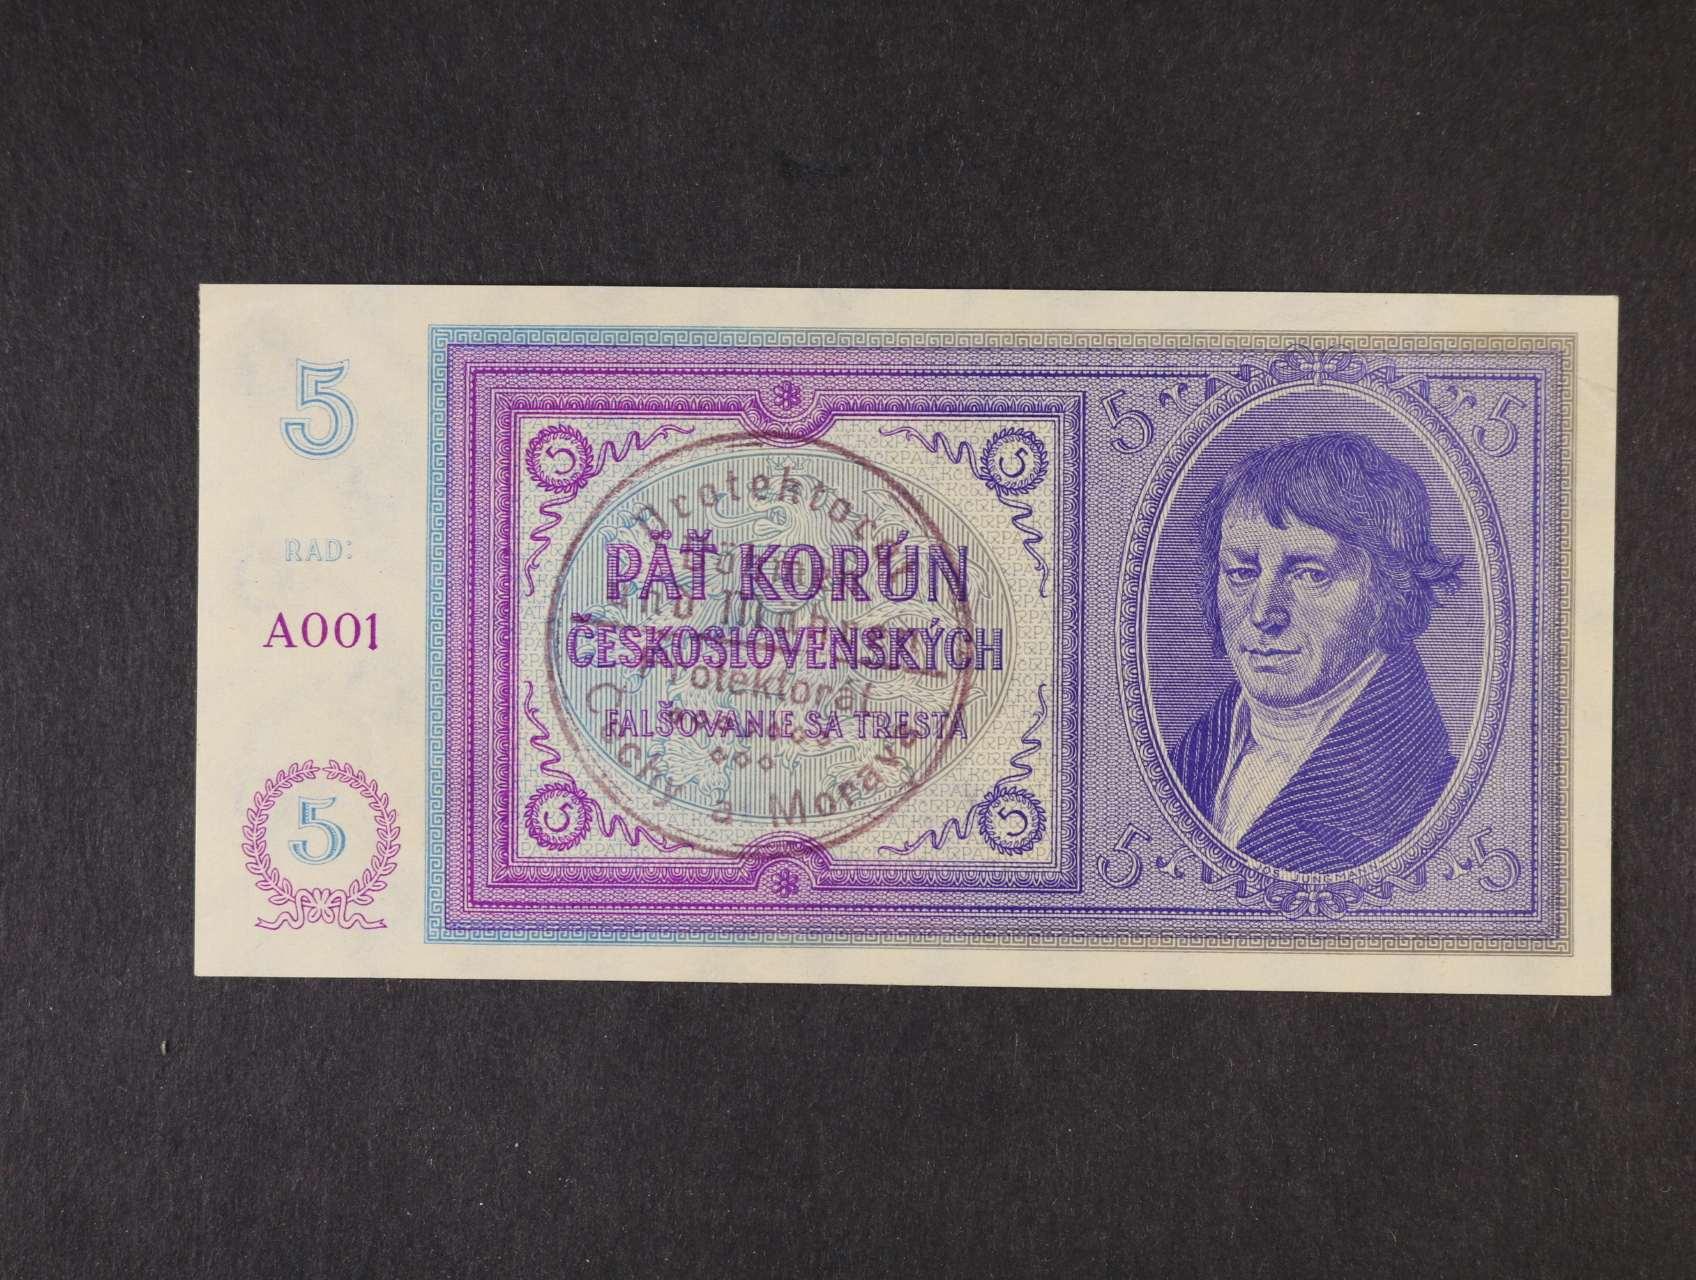 5 Kč 1938/40 s ručním raz. série A 001, Ba. 29a, Pi. 2a